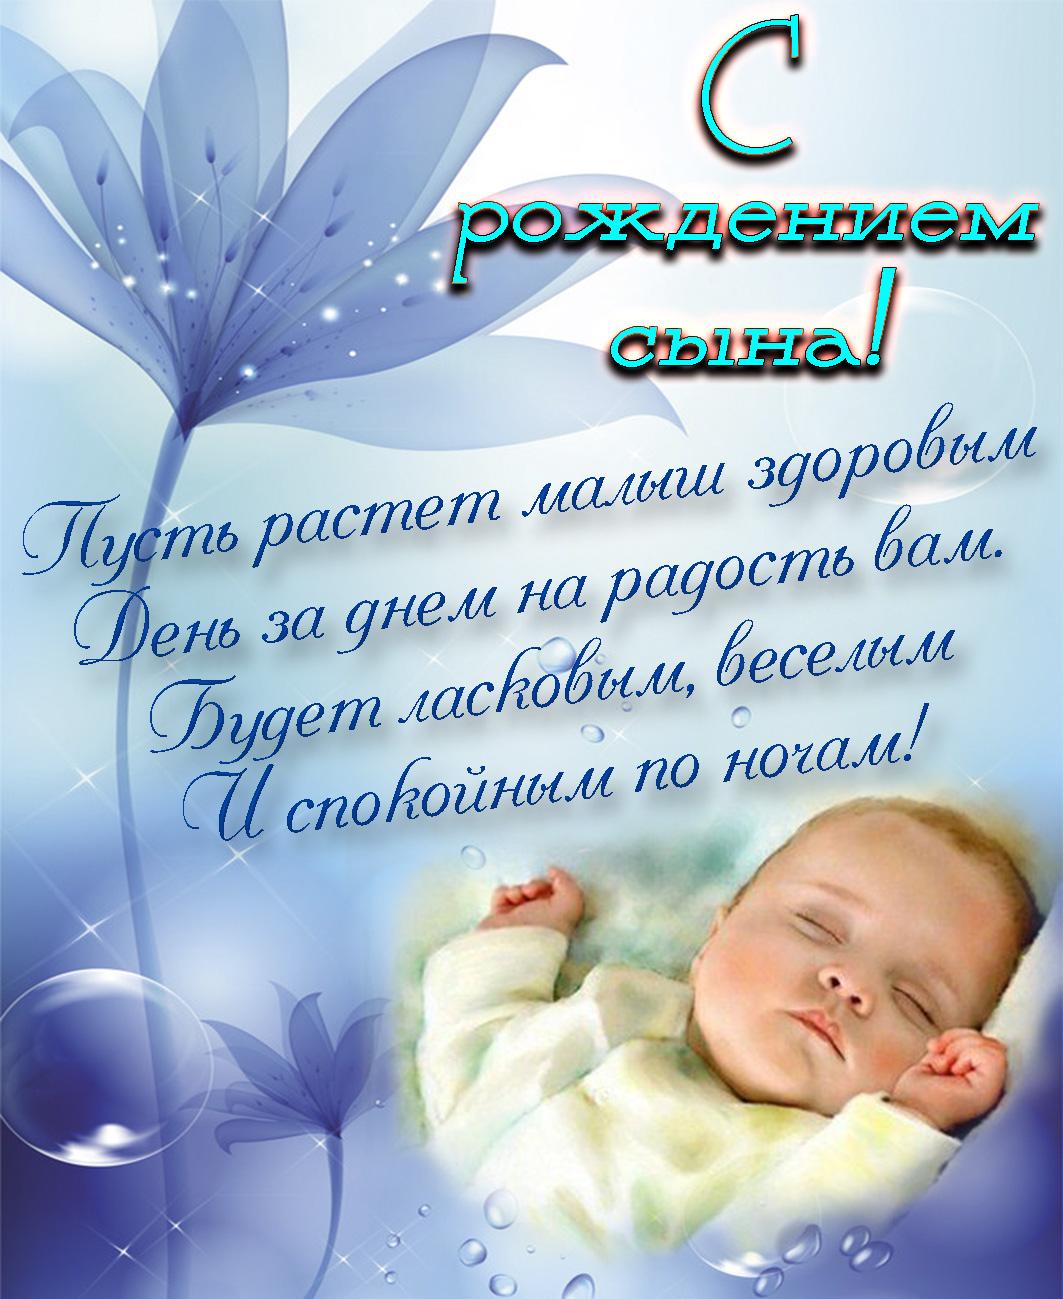 Прикольные картинки поздравления с рождением сына, приятного вечера спокойной